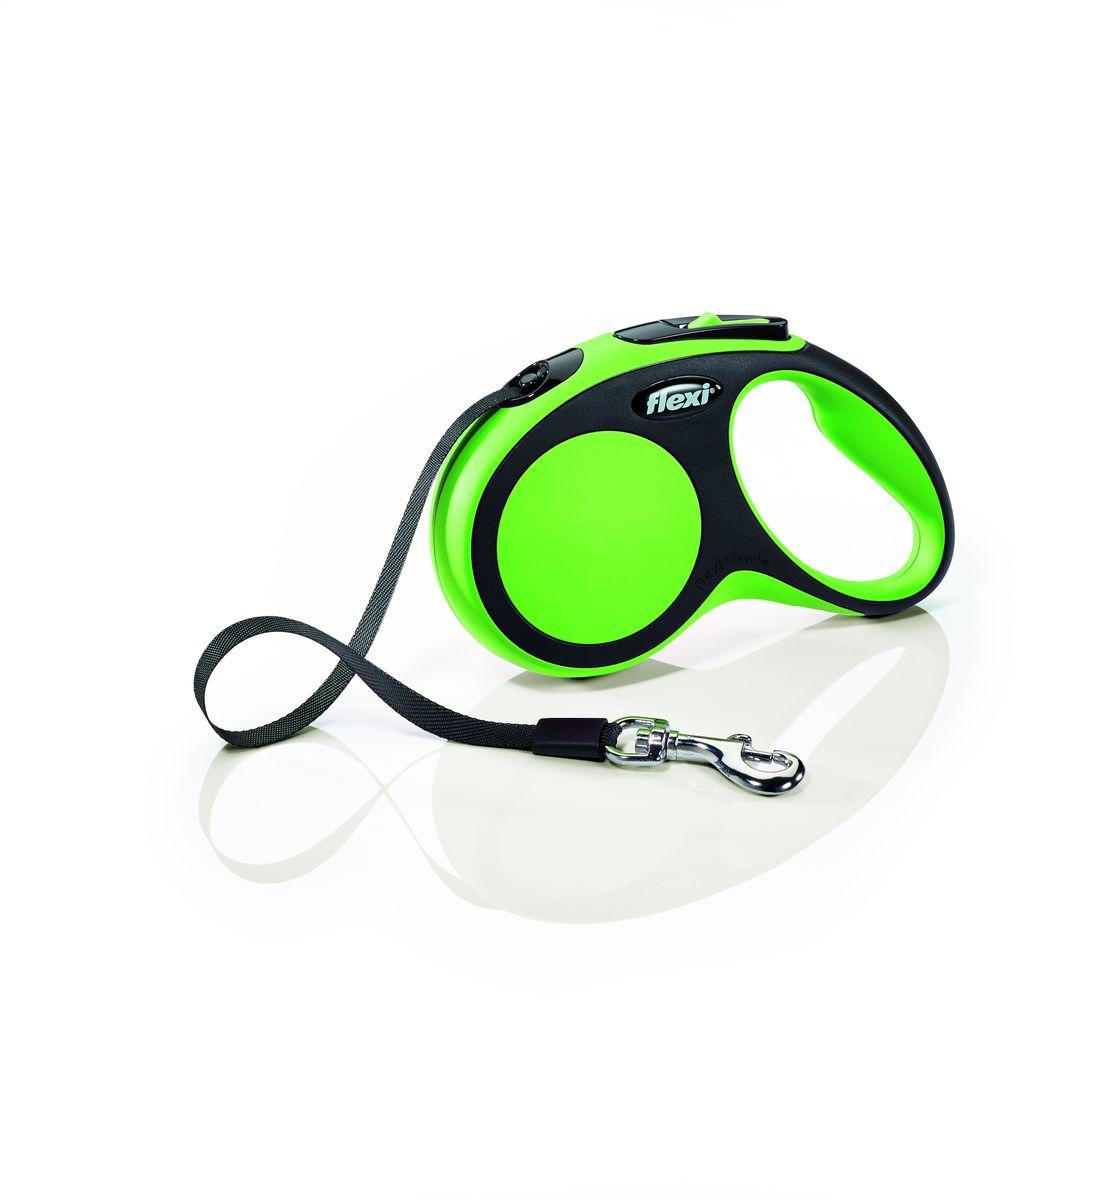 Поводок-рулетка Flexi New Comfort S, лента, для собак весом до 15 кг, цвет: черный, зеленый, 5 м0120710Ленточный поводок-рулетка обеспечивает собаке свободу движения, что идет на пользу здоровью и радует Вашего четвероногого друга. Рулетка очень проста в использовании. Оснащена кнопками кратковременной и постоянной фиксации. Рулетку можно оснастить - мультибоксом для лакомств или пакетиков для сбора фекалий, LED подсветкой корпуса.Прочный корпус, хромированная застежка и светоотражающие элементы.Лента поводка автоматически сматывается и поводок в процессе использования не провисает, не касается грунта и таким образом не пачкается и не перетирается. Поводок не нужно подбирать руками когда питомец подошел ближе, таким образом Ваши руки всегда чистые. Максимальный вес питомца: 15 кг.Длина: 5 м